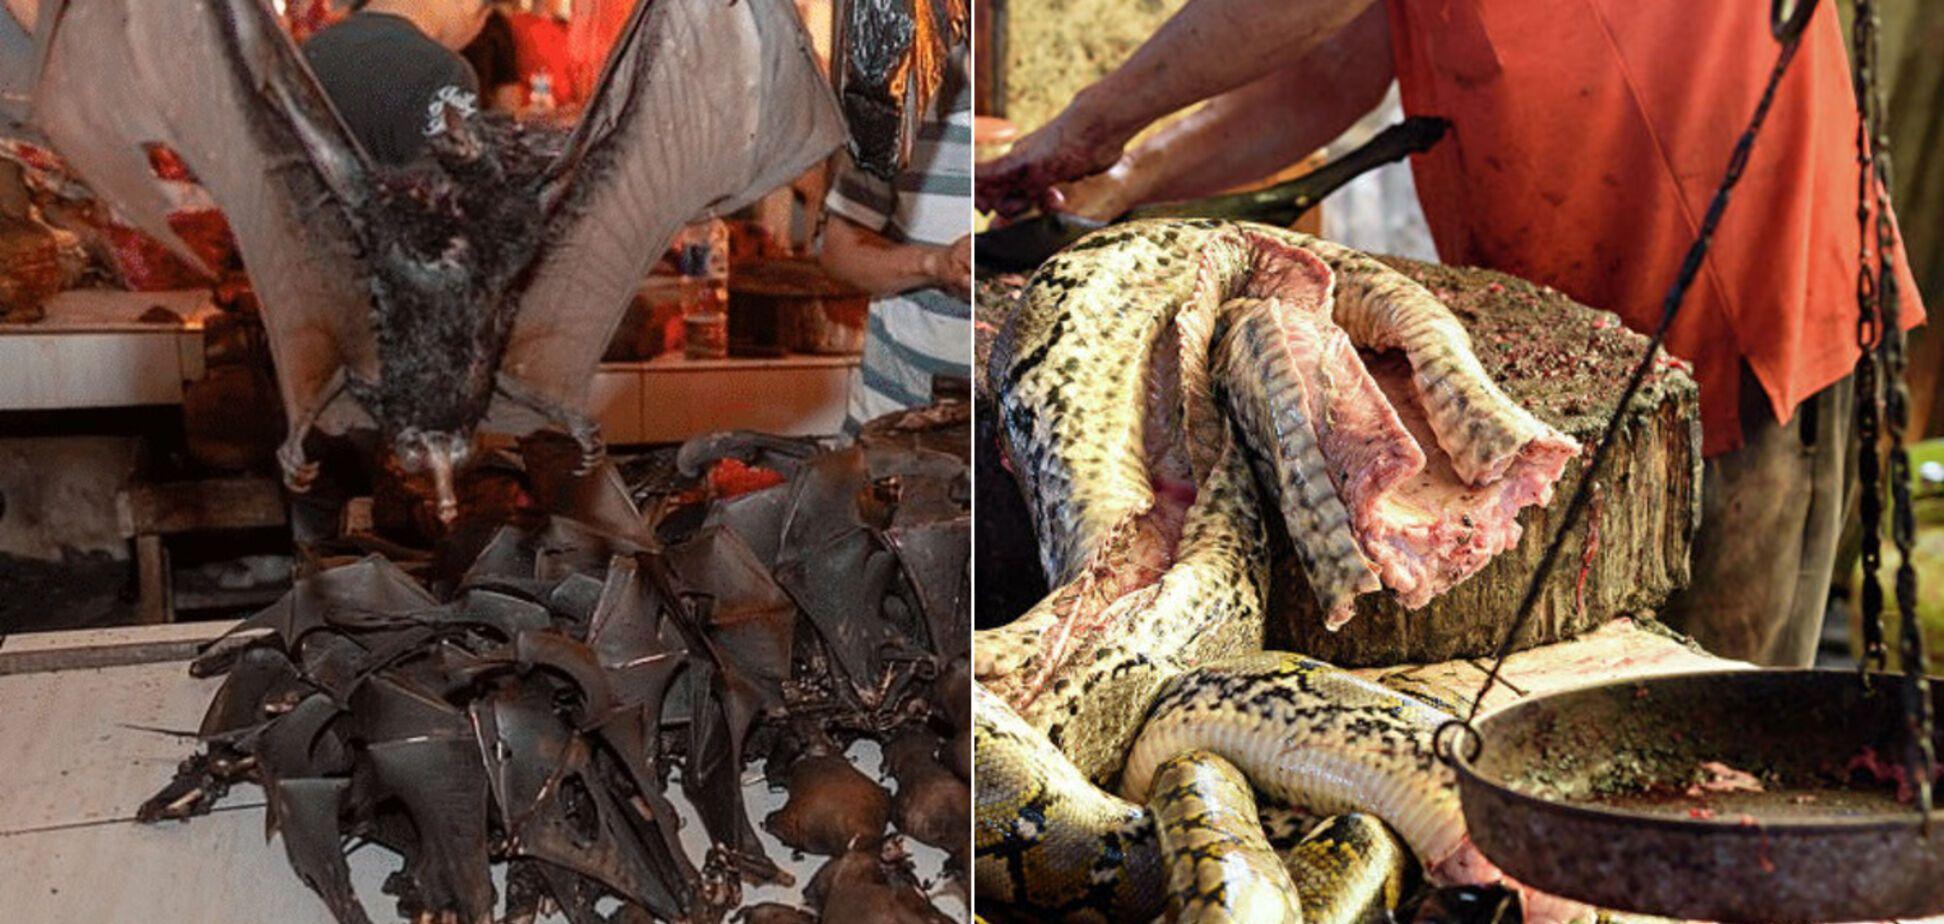 Ели мышей и волков: в китайском Ухане на 5 лет запретили продавать и есть диких животных